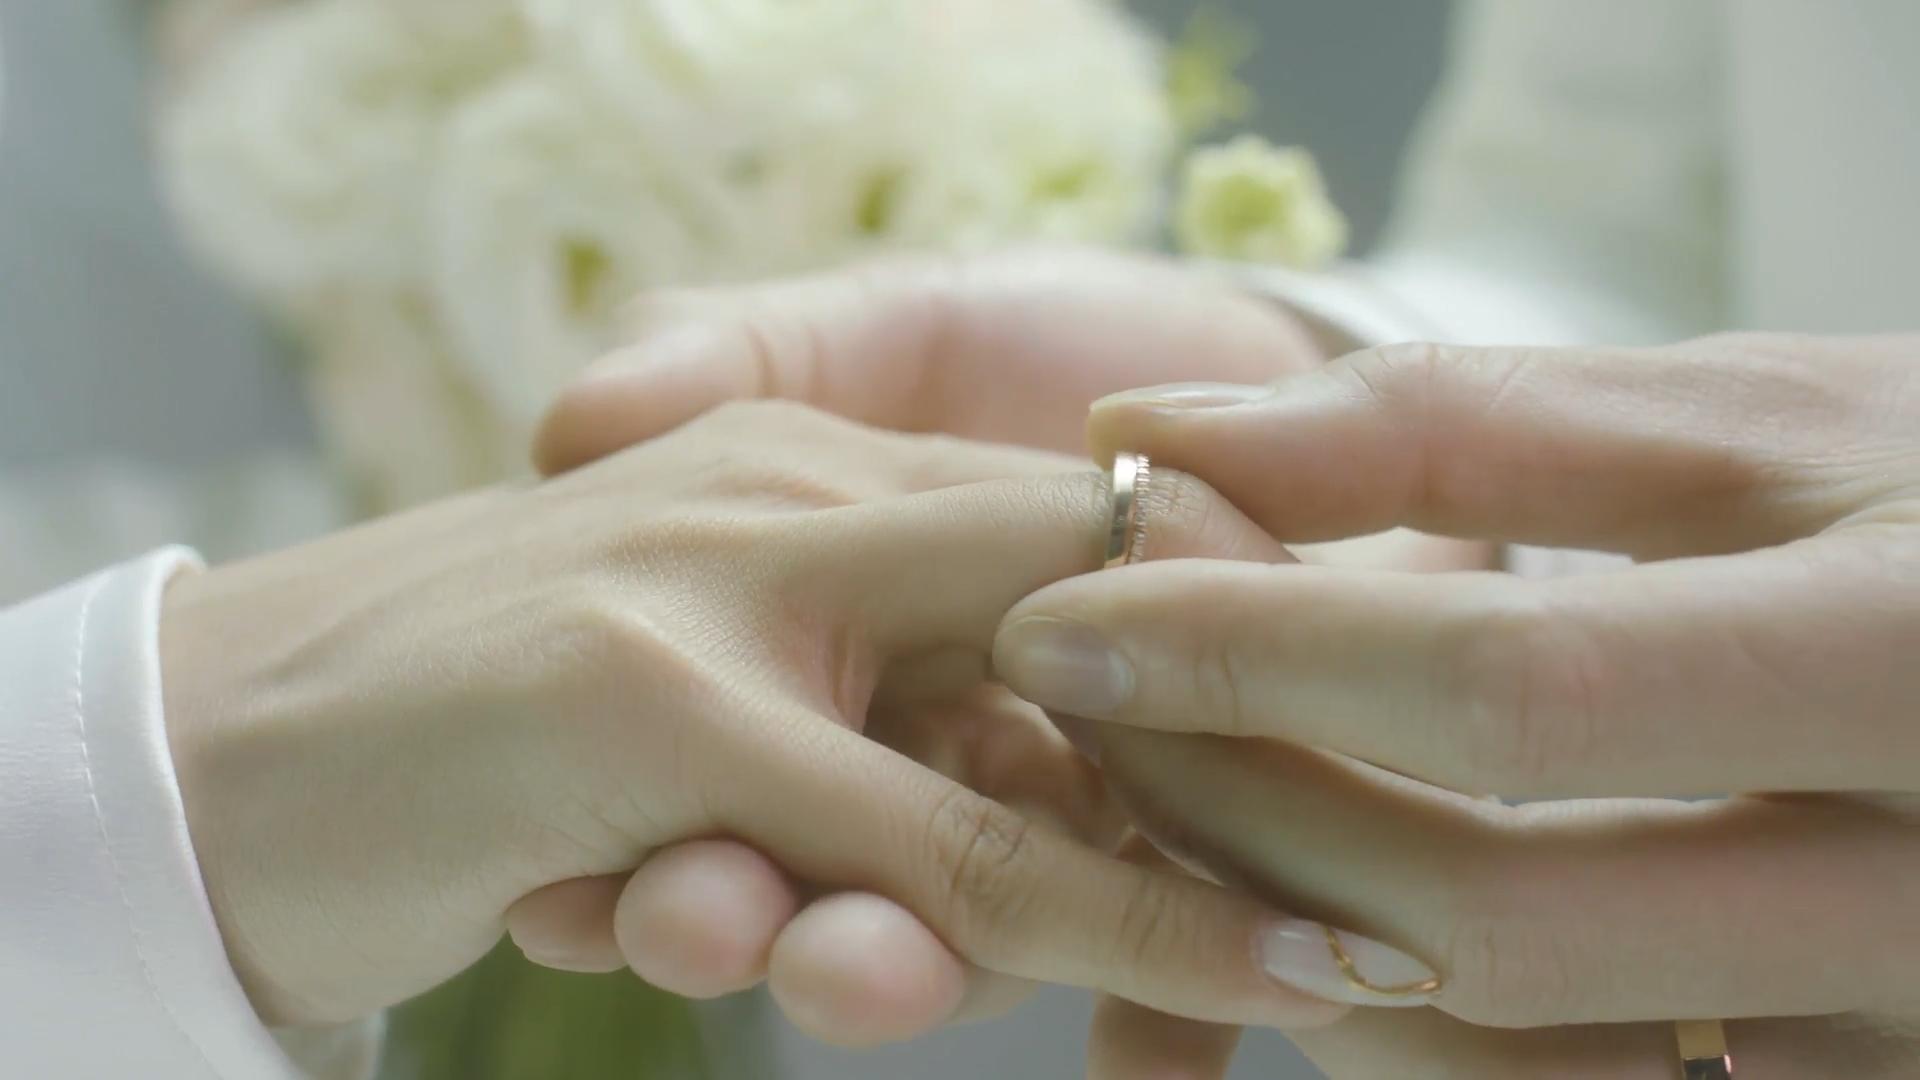 Phan Mạnh Quỳnh sáng tác bài hát tặng vợ